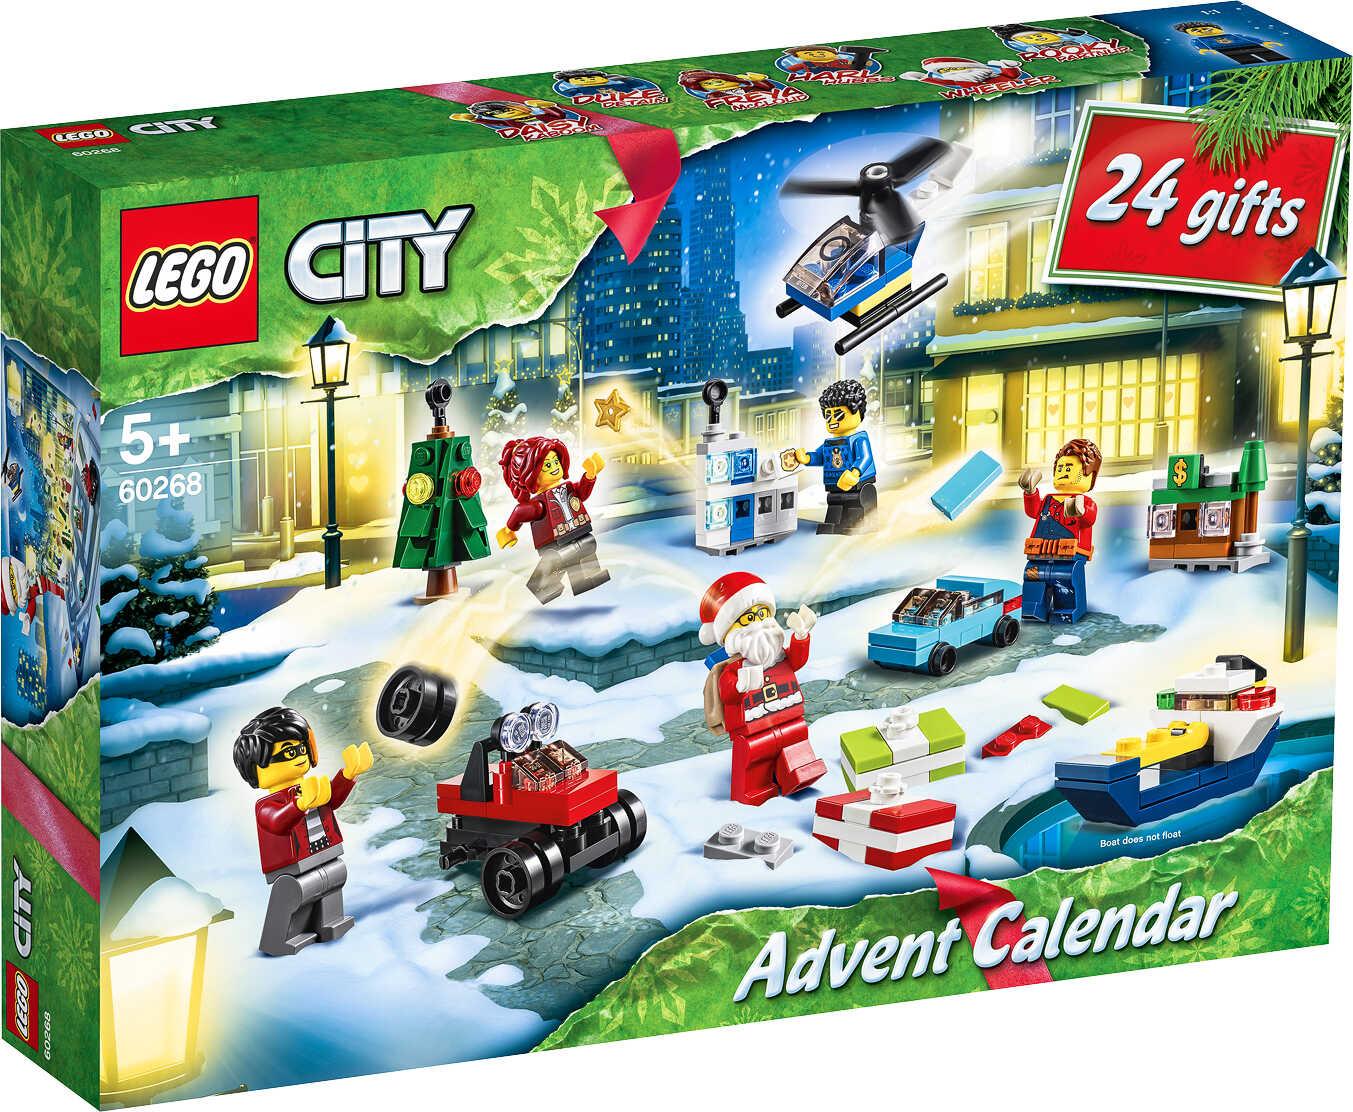 Adventskalender Sammeldeal: z.B. LEGO CITY Adventskalender 60268 für 14,61€ [Kaufland ab 15.10.]